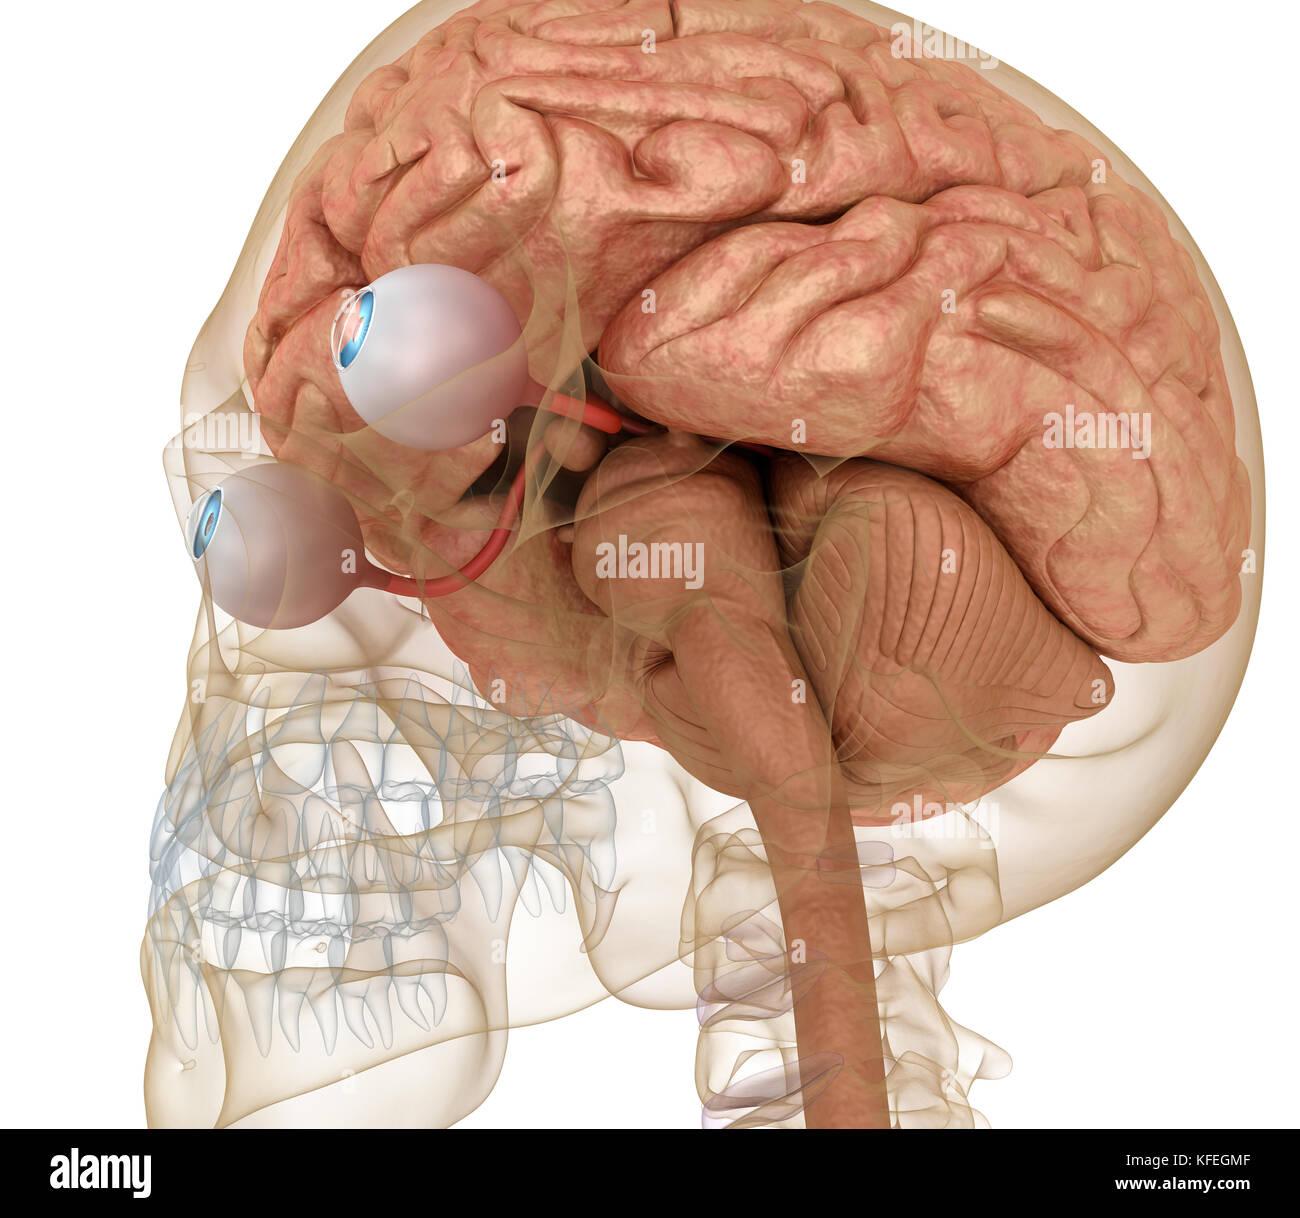 Auge Anatomie und Skelett isoliert auf Weiss. 3D-Rendering Stockfoto ...